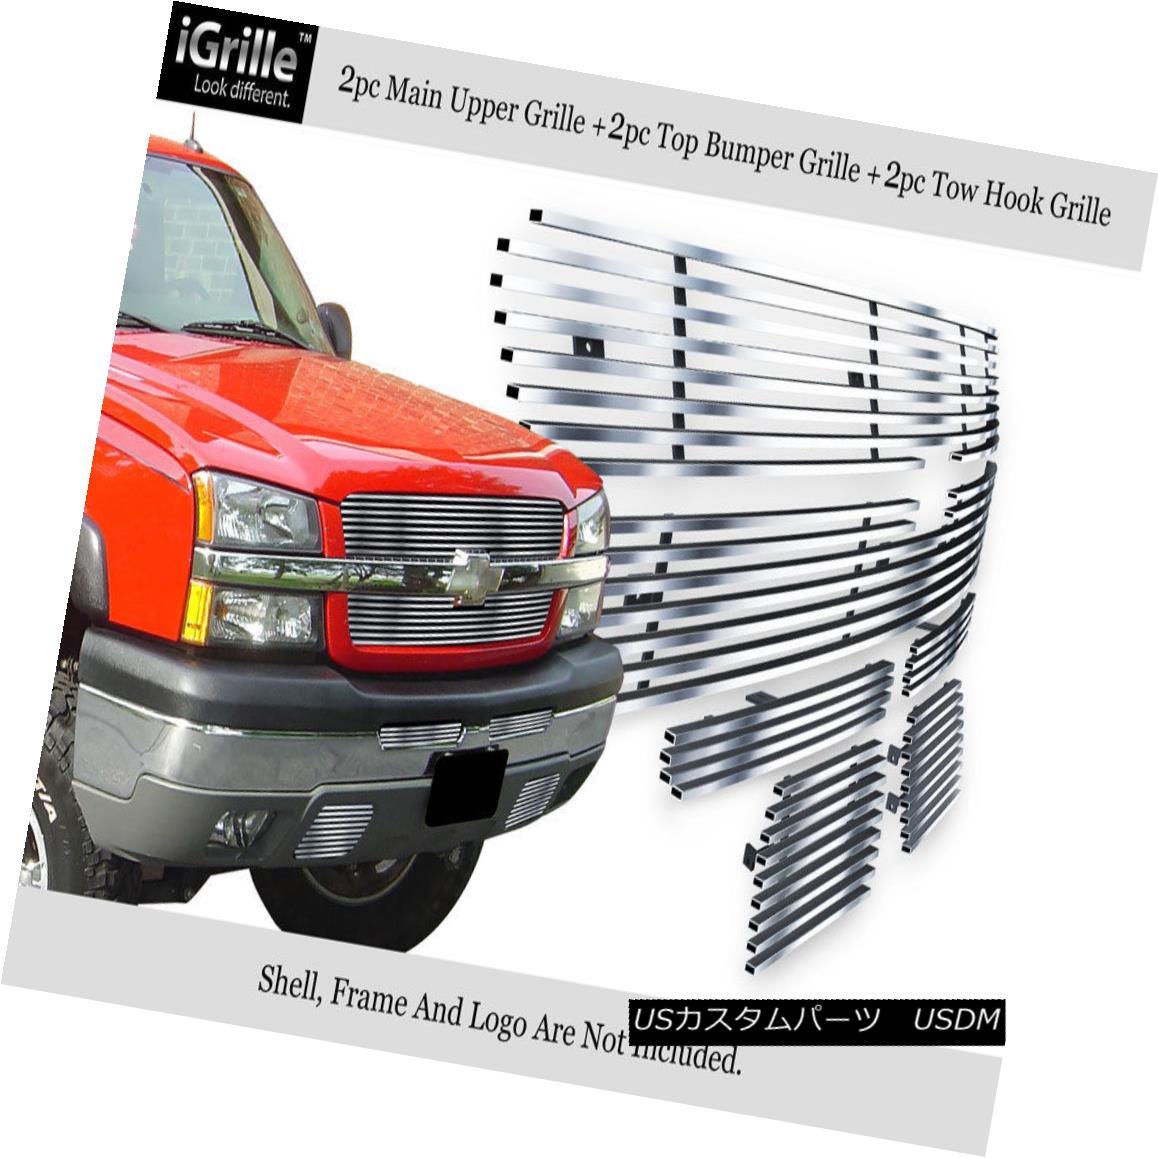 グリル Fits 03-05 Chevy Silverado 1500/HD/2500 304 Stainless Steel Billet Grille Combo フィット03-05 Chevy Silverado 1500 / HD / 2500 304ステンレス鋼ビレットグリルコンボ